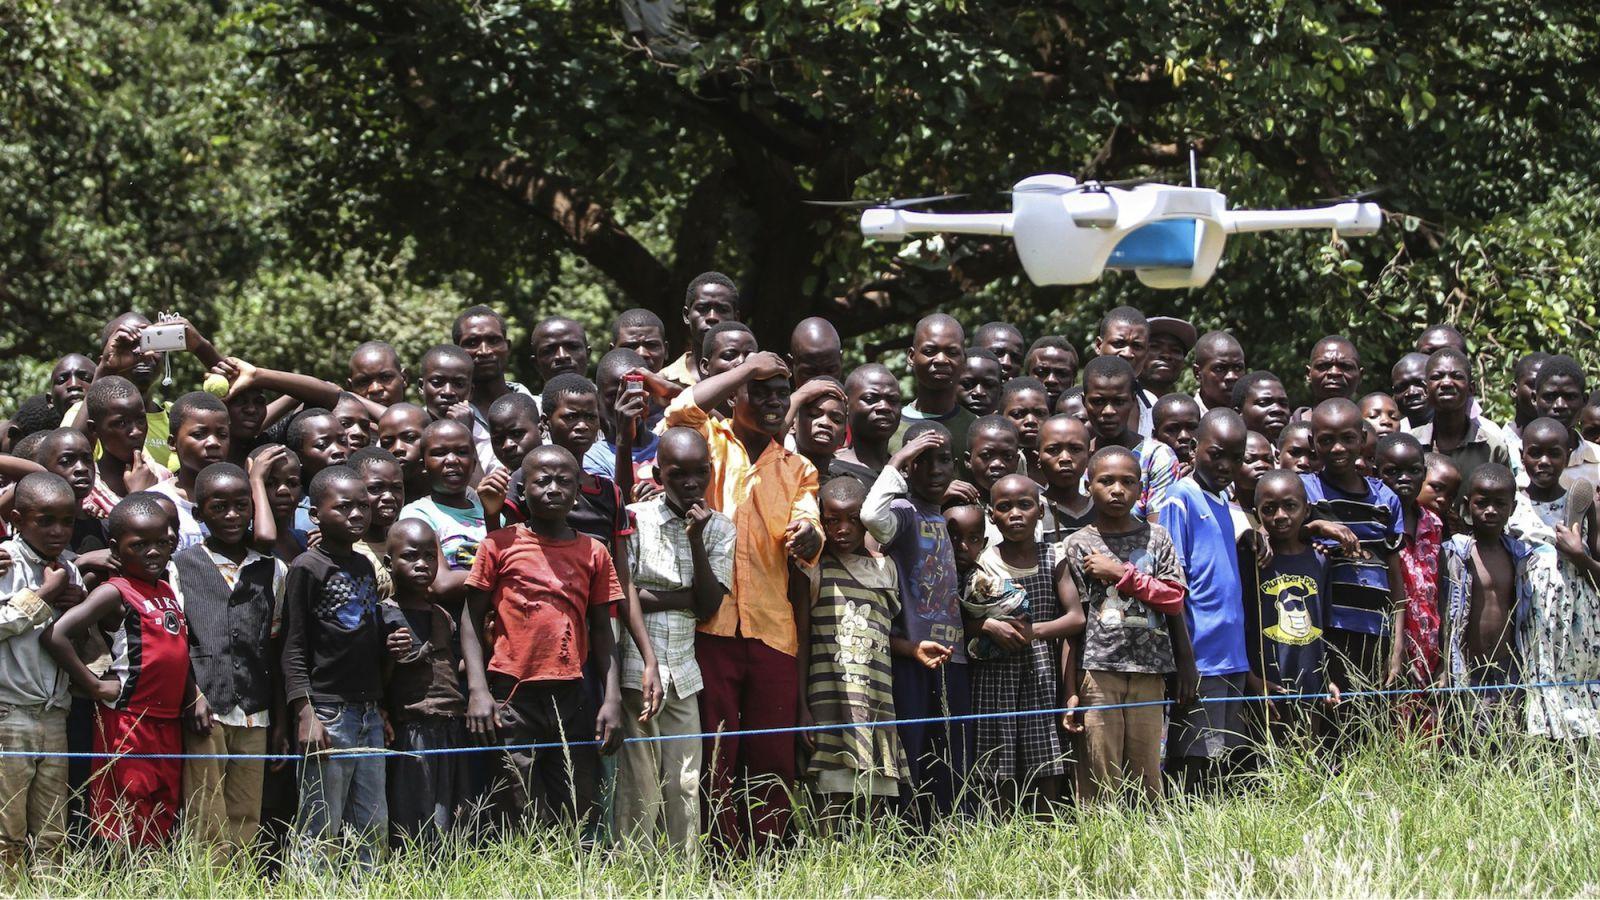 Кения разработала правила для полетов гражданских дронов и ввела огромный штраф за их нарушение